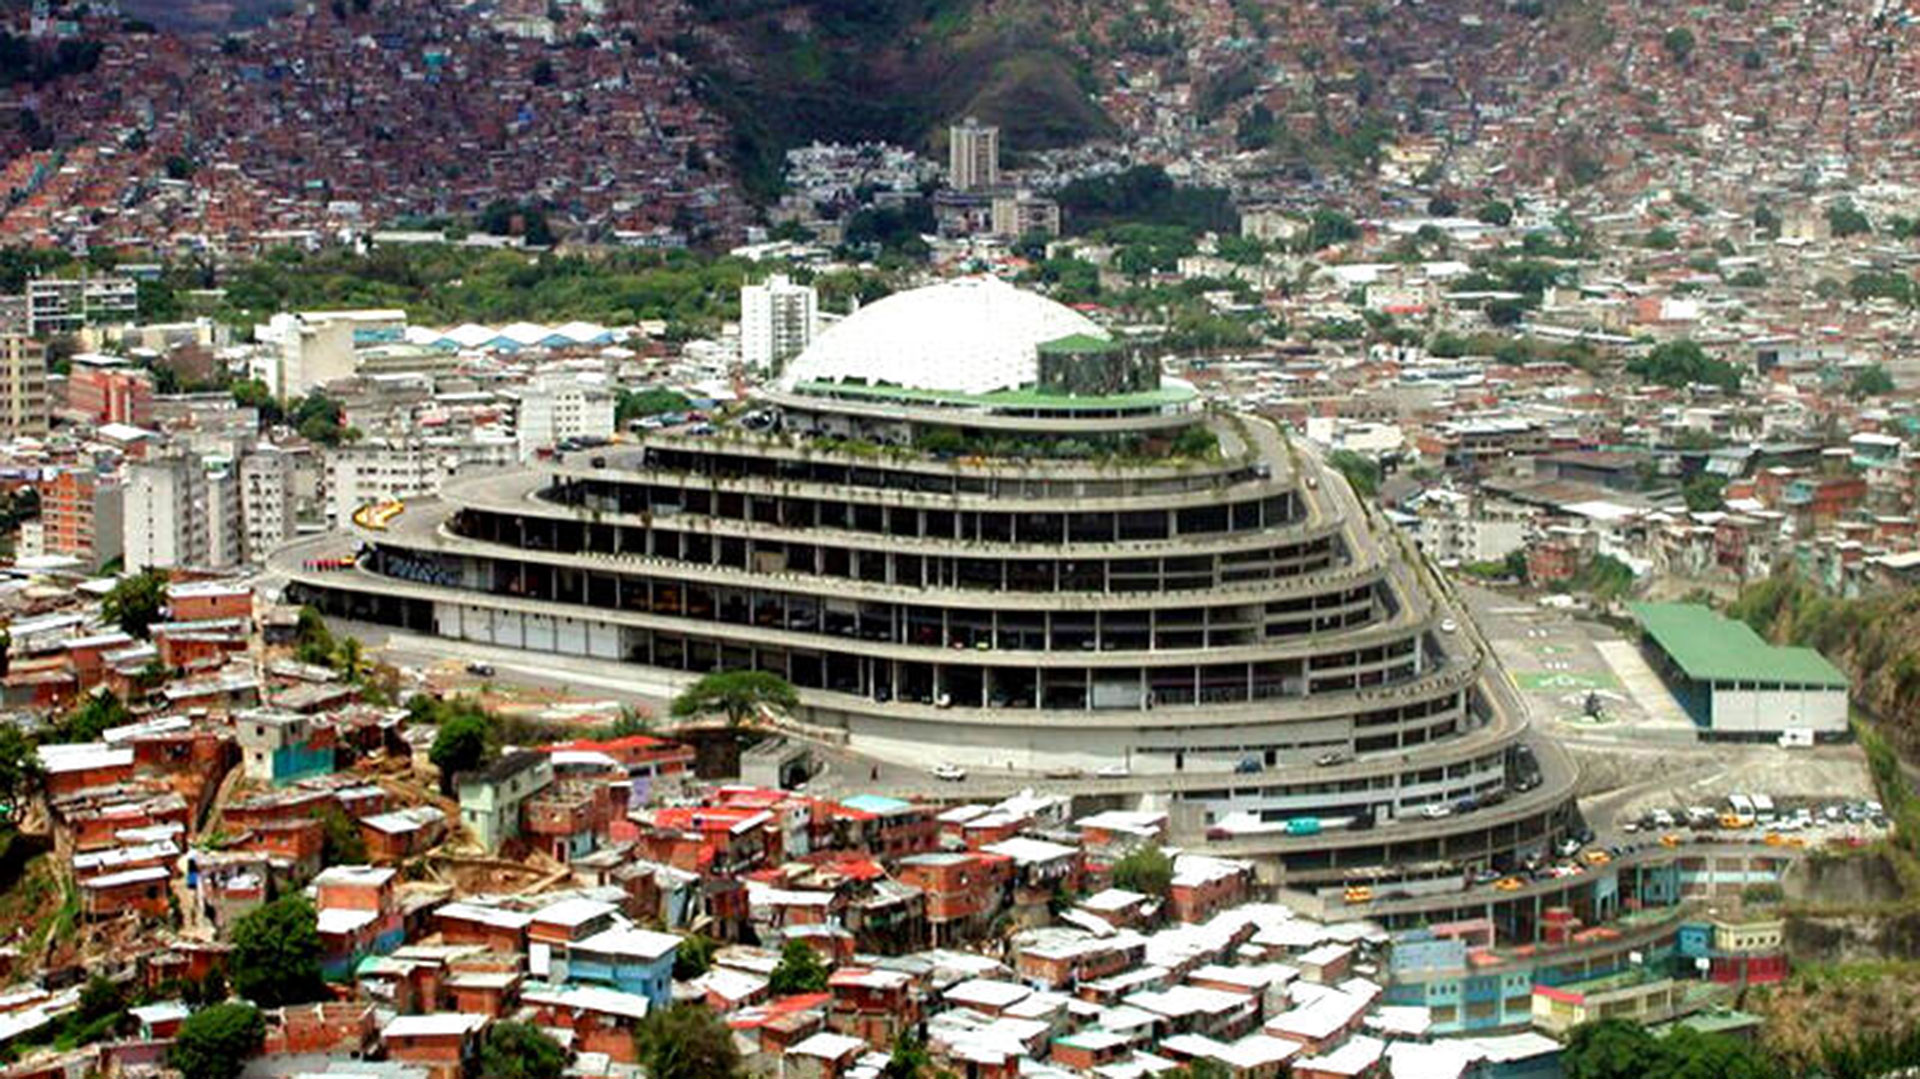 El Helicoide, sede del SEBIN (Servicio Bolivariano de Inteligencia) en Caracas